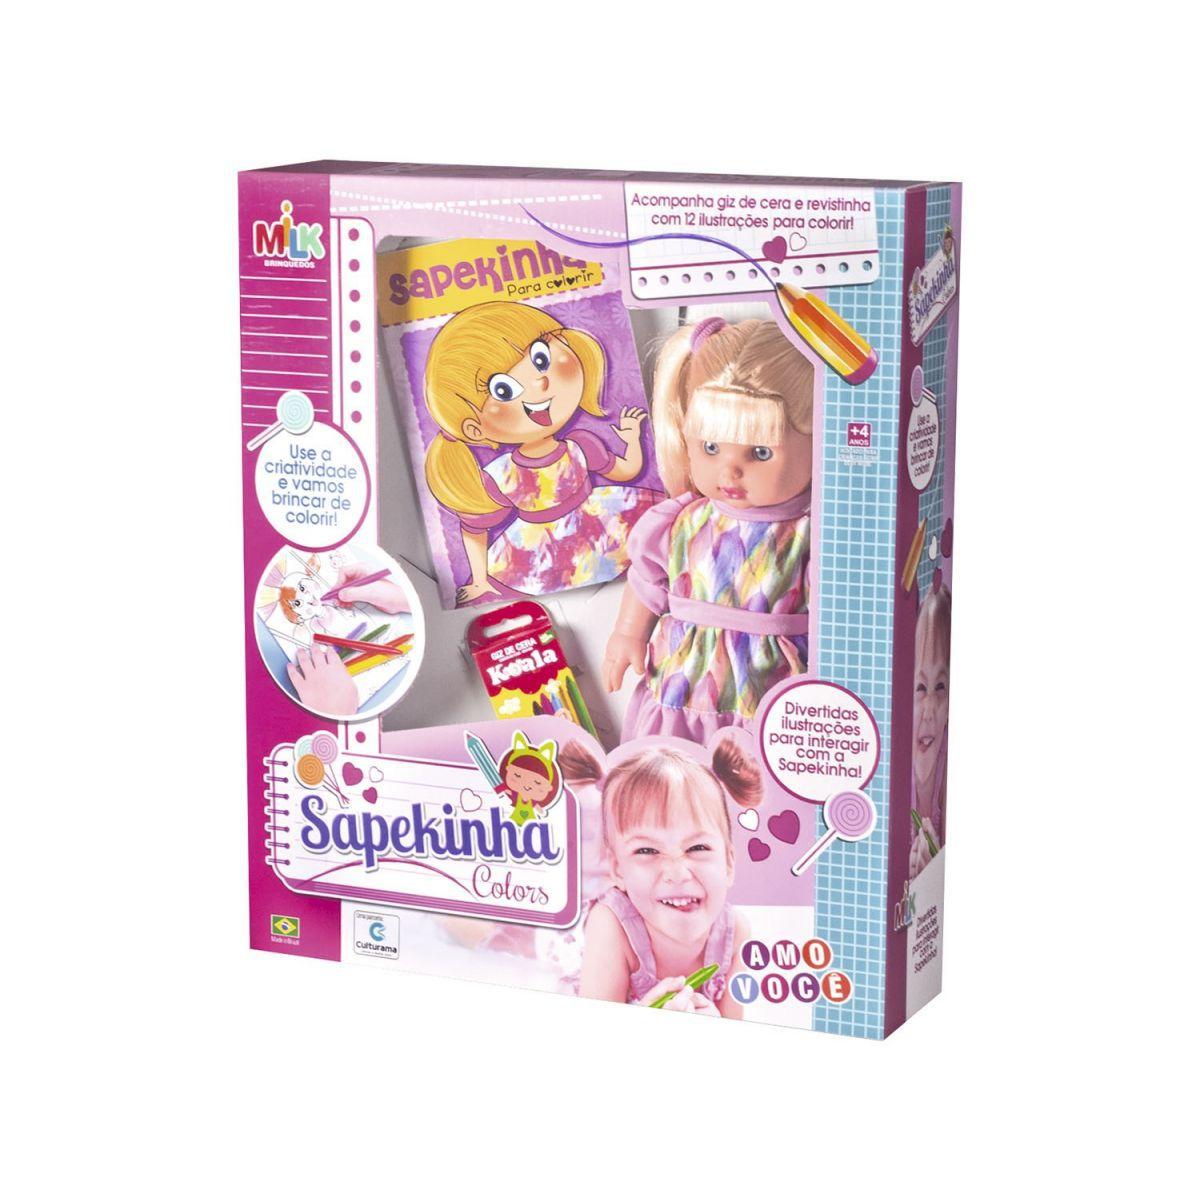 Boneca Sapekinha Colors - Milk Brinquedos